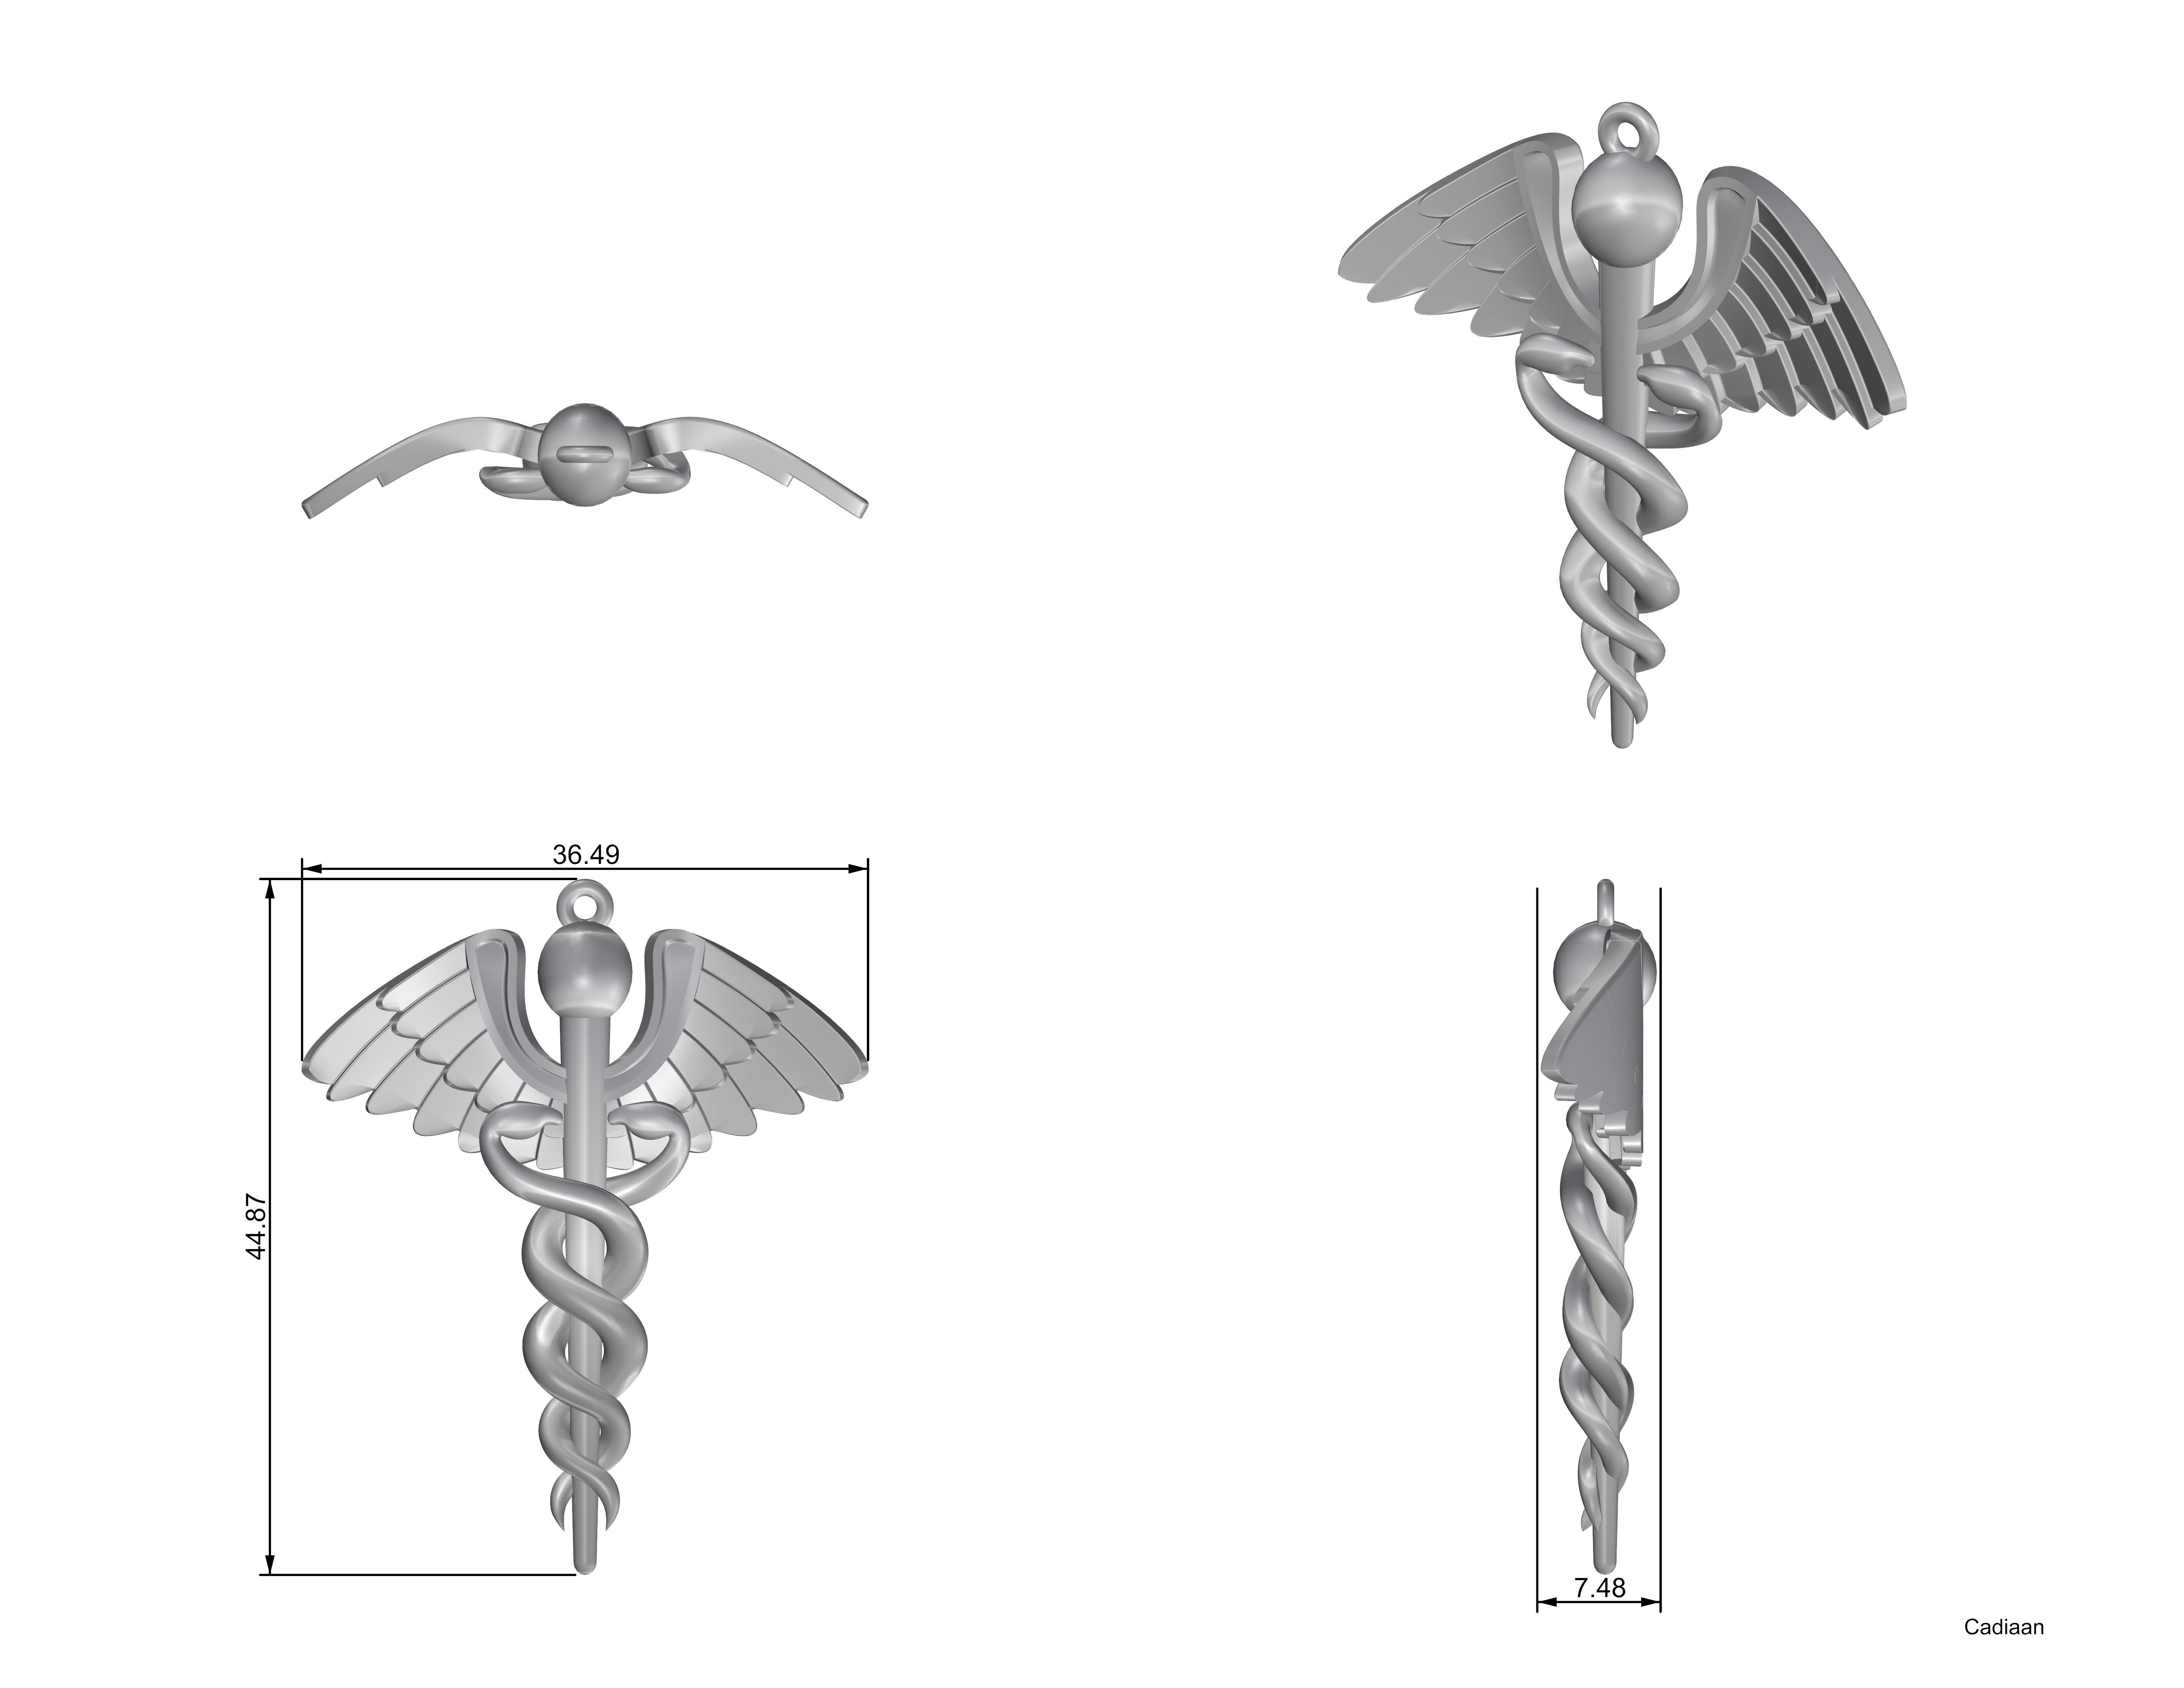 Caduceus.jpg Download OBJ file Caduceus • 3D printable template, Cadiaan